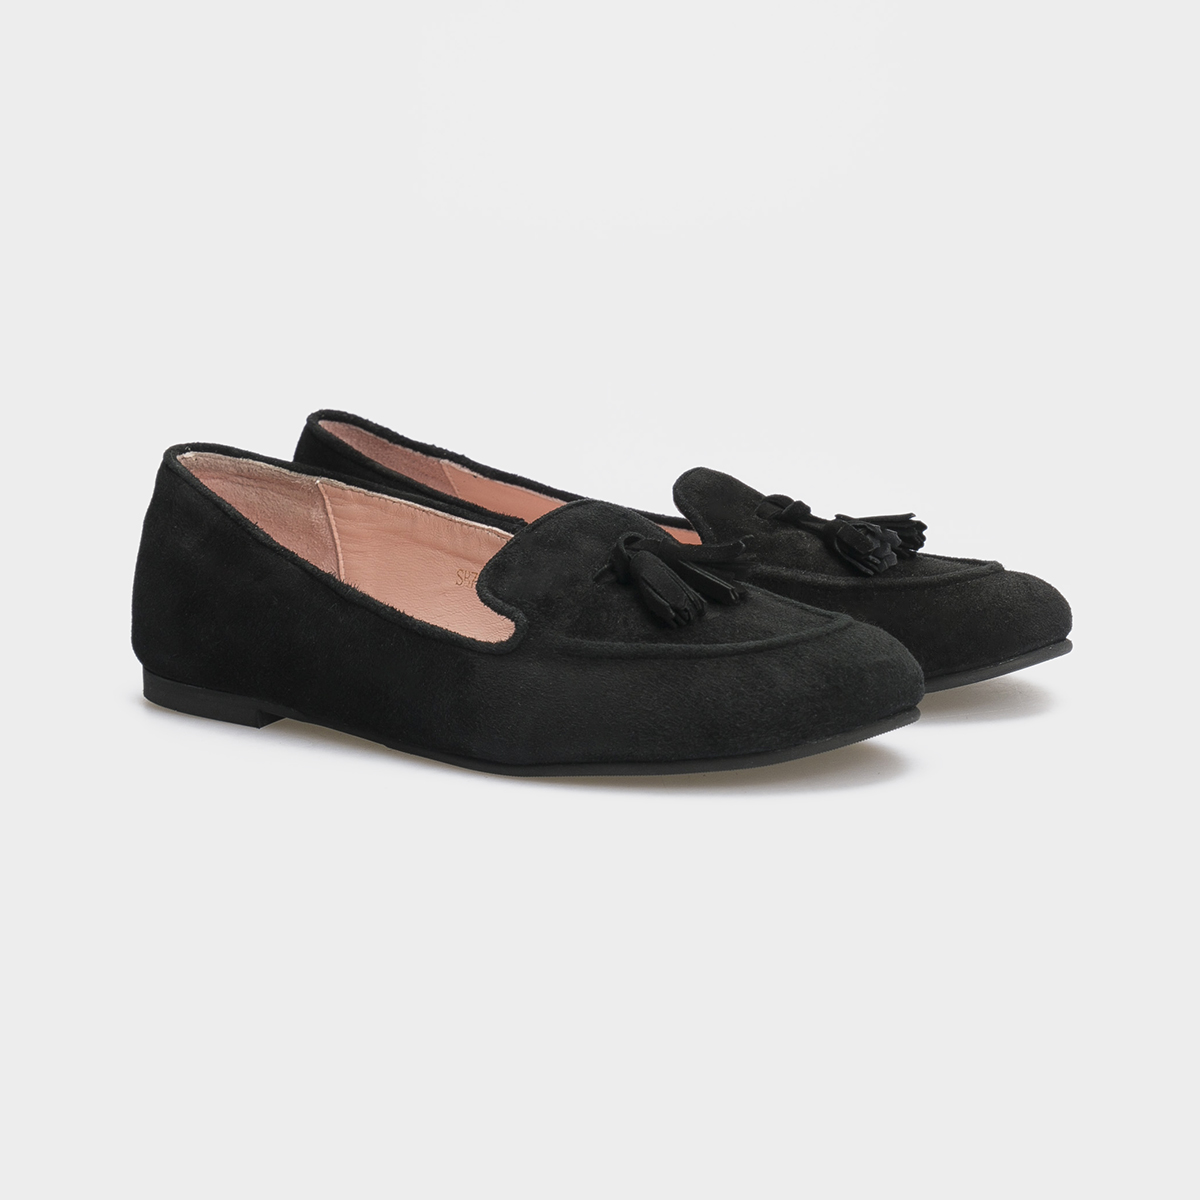 Балетки женские Слиперы 7740-110 черная замша 7740-110chr продажа, 2017